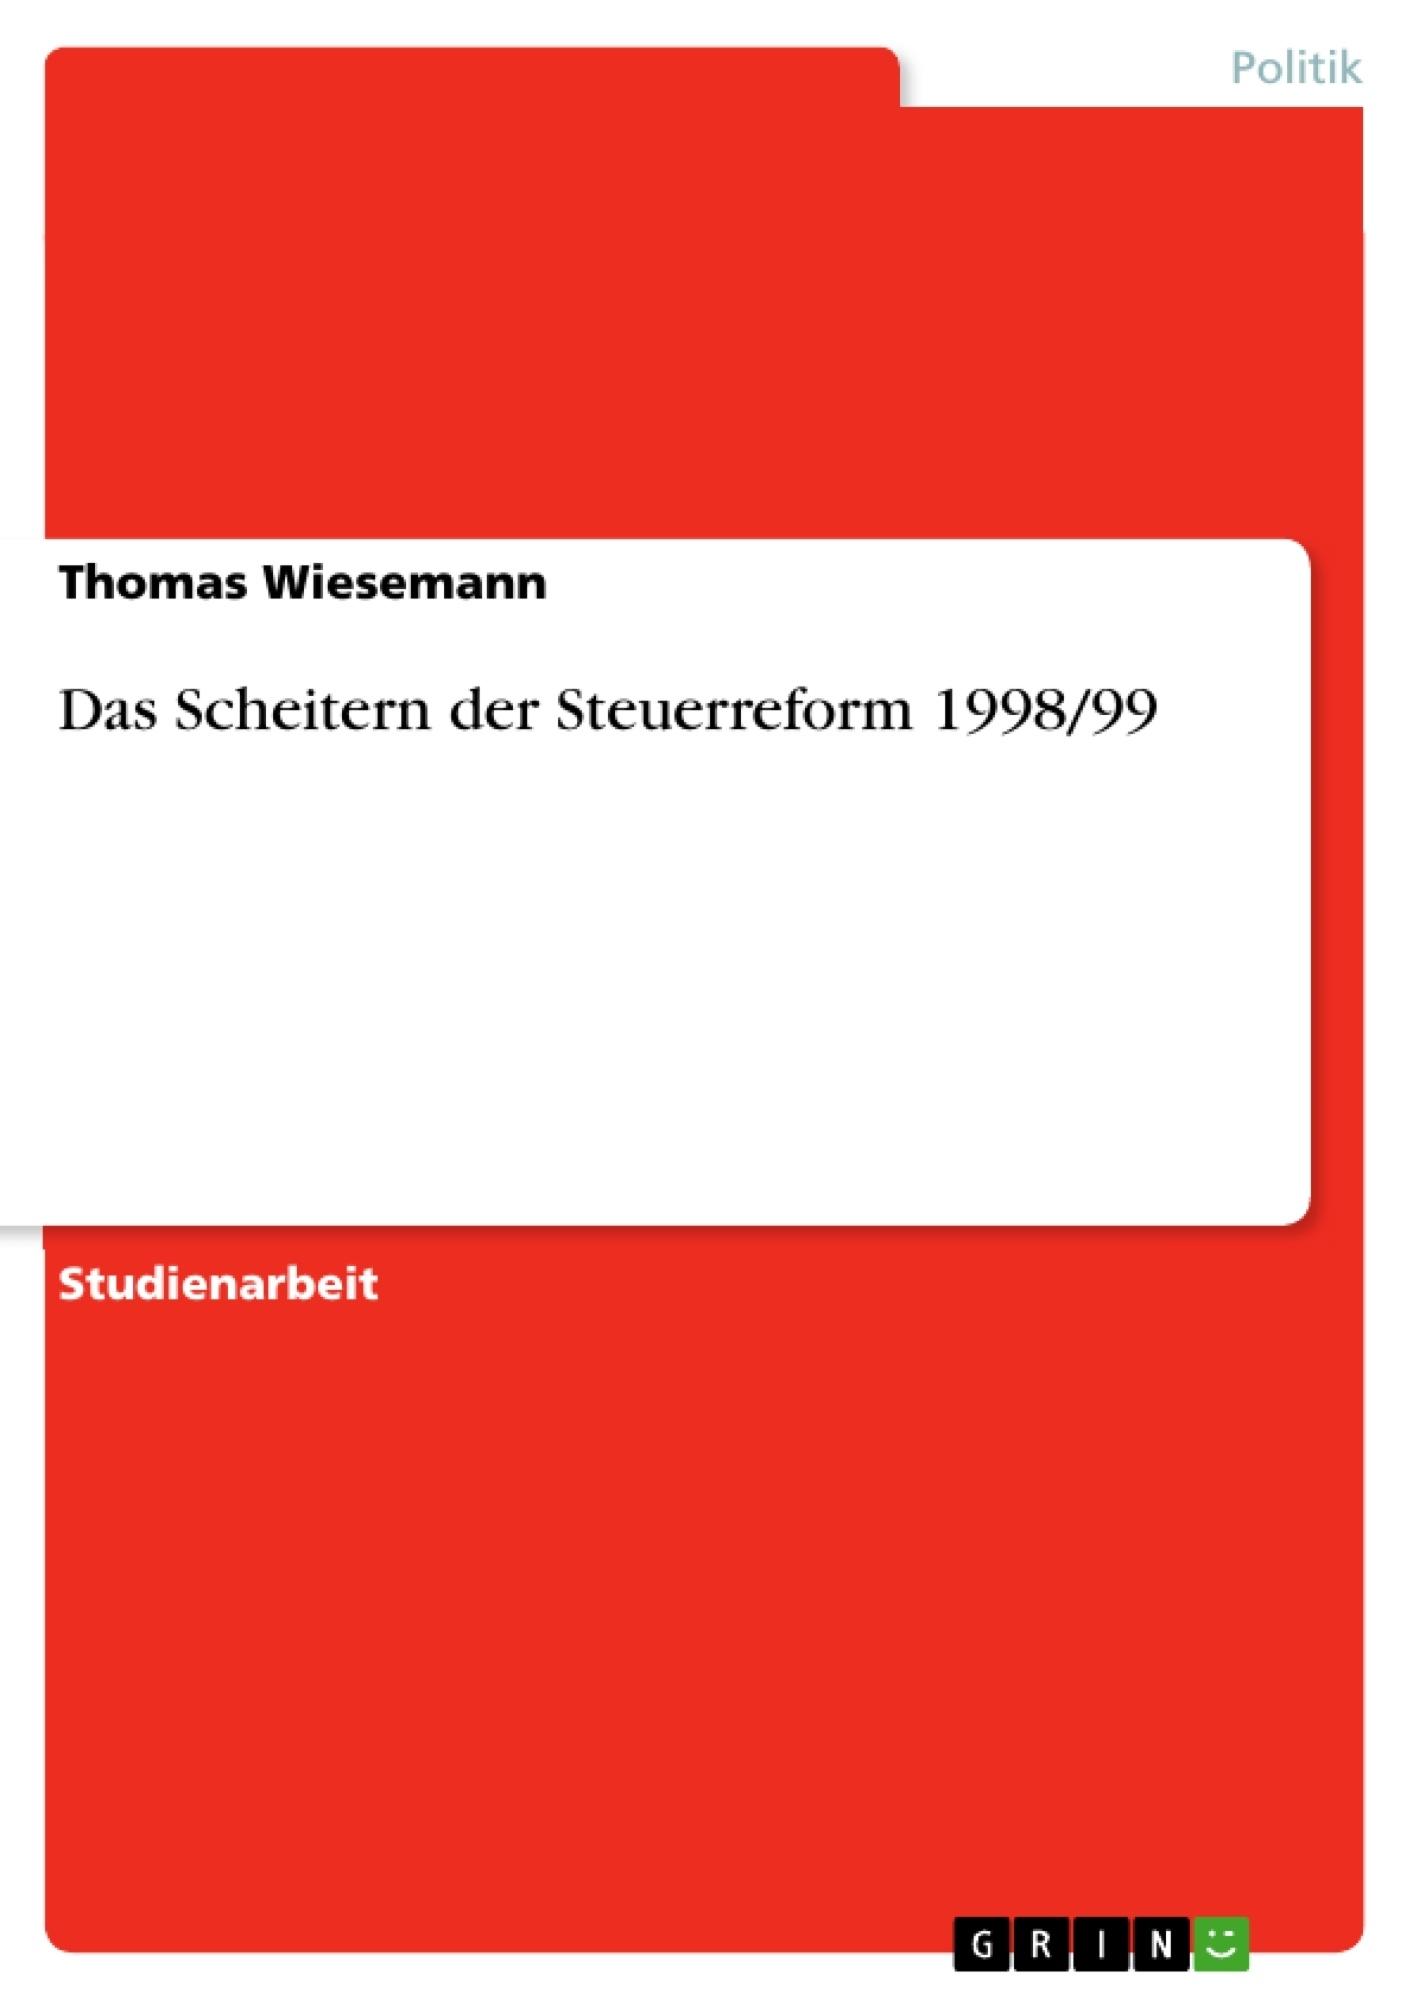 Titel: Das Scheitern der Steuerreform 1998/99